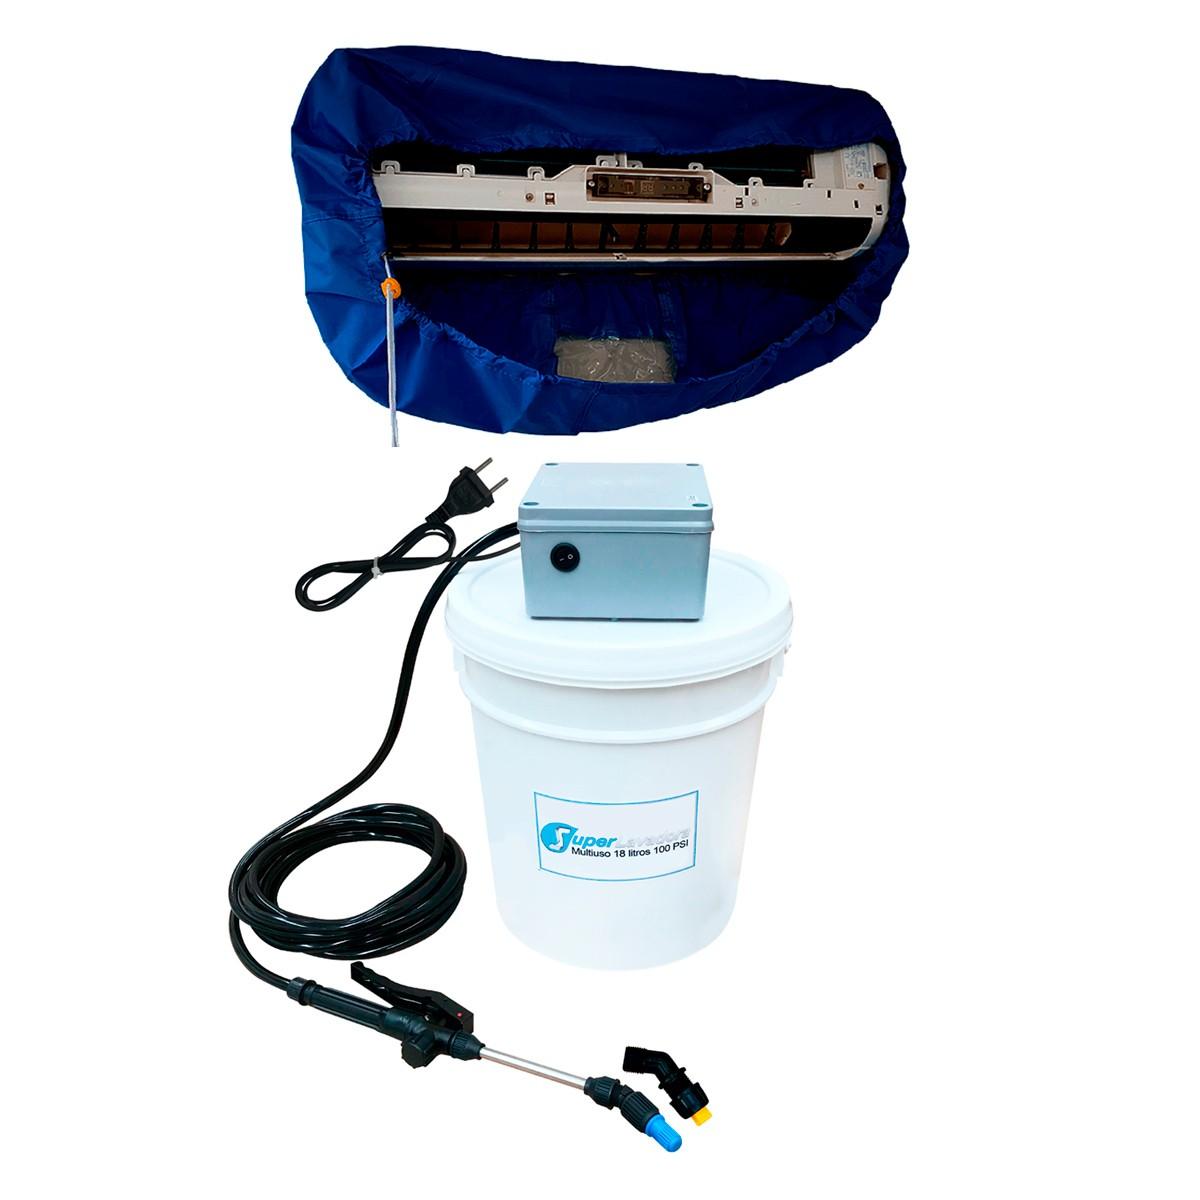 Lavadora Elétrica 18L 100PSI Carrinho + Bolsa Coletora até 36000 BTUS